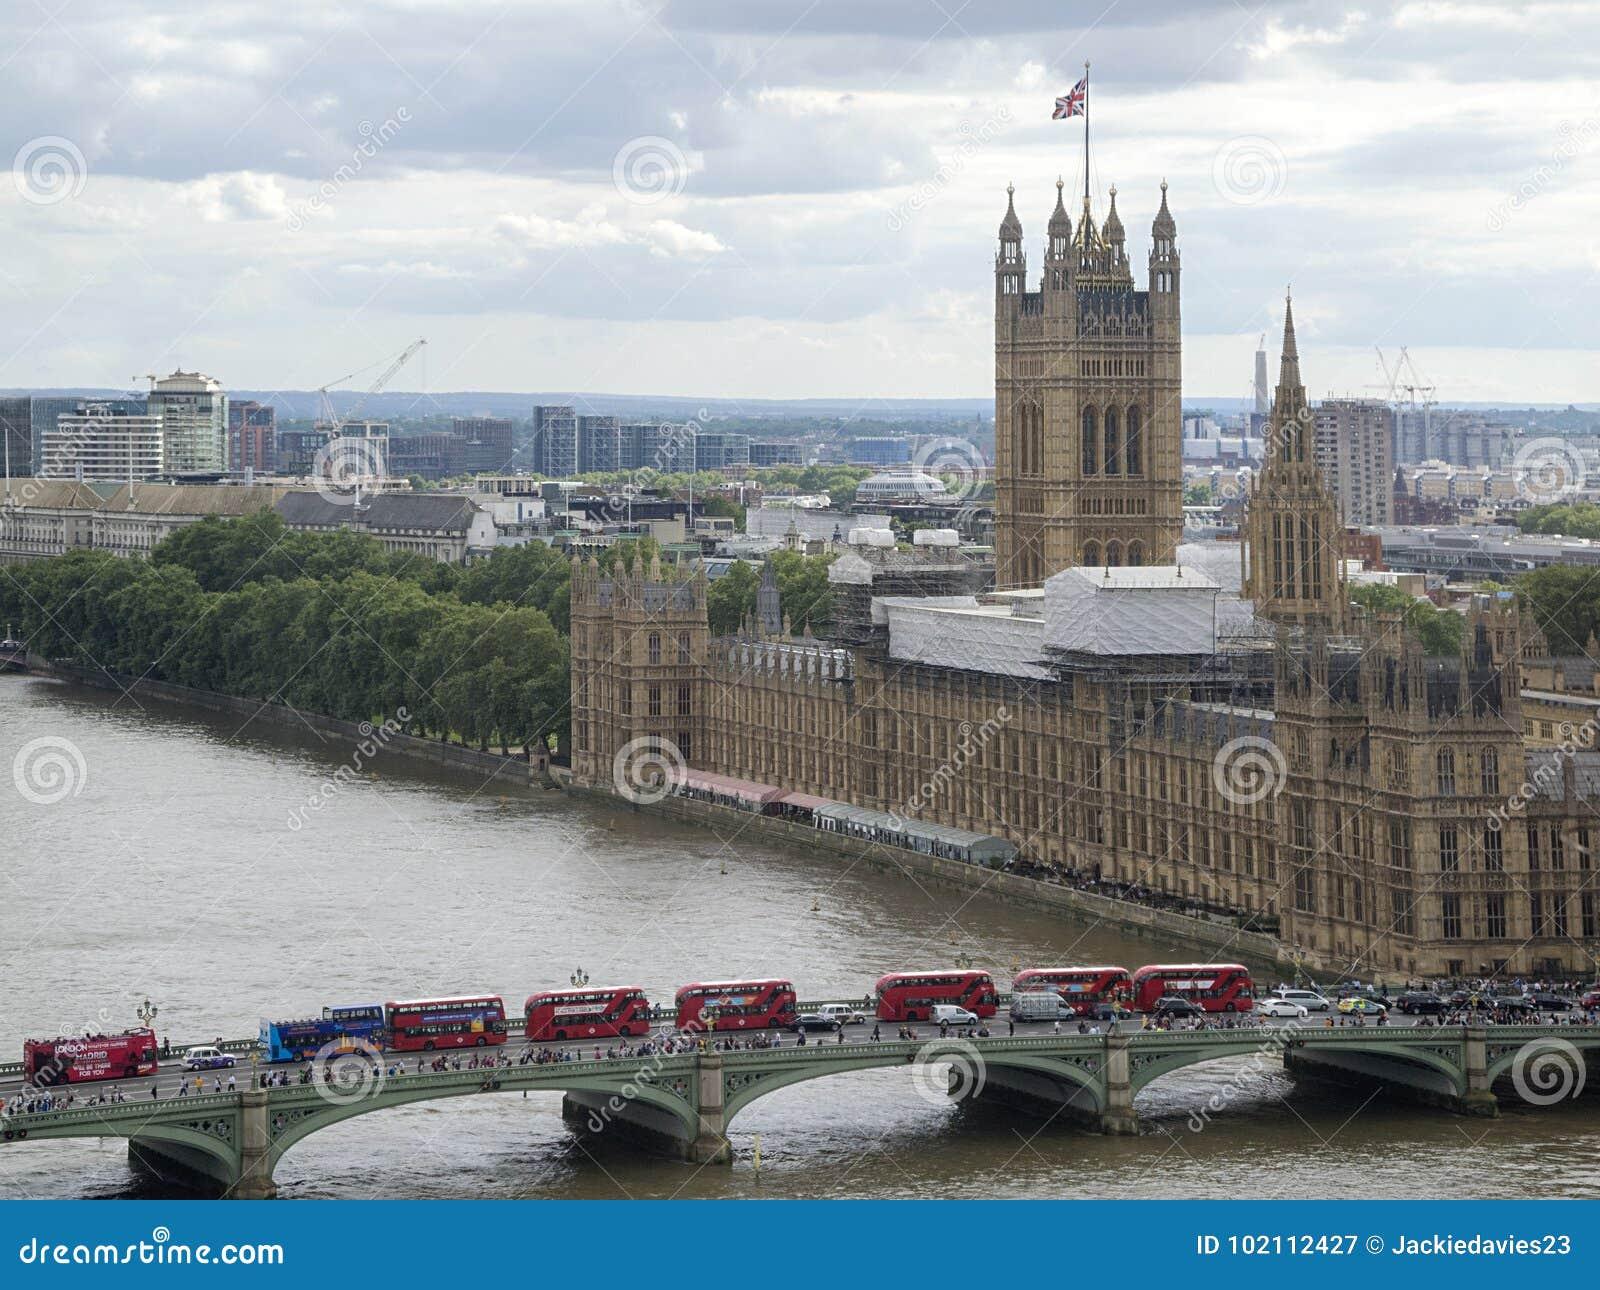 η οικοδόμηση του σύγχρονου ποταμού του Λονδίνου τοπίων ακτών εικονικής παράστασης πόλης εμφανίζει Τάμεση